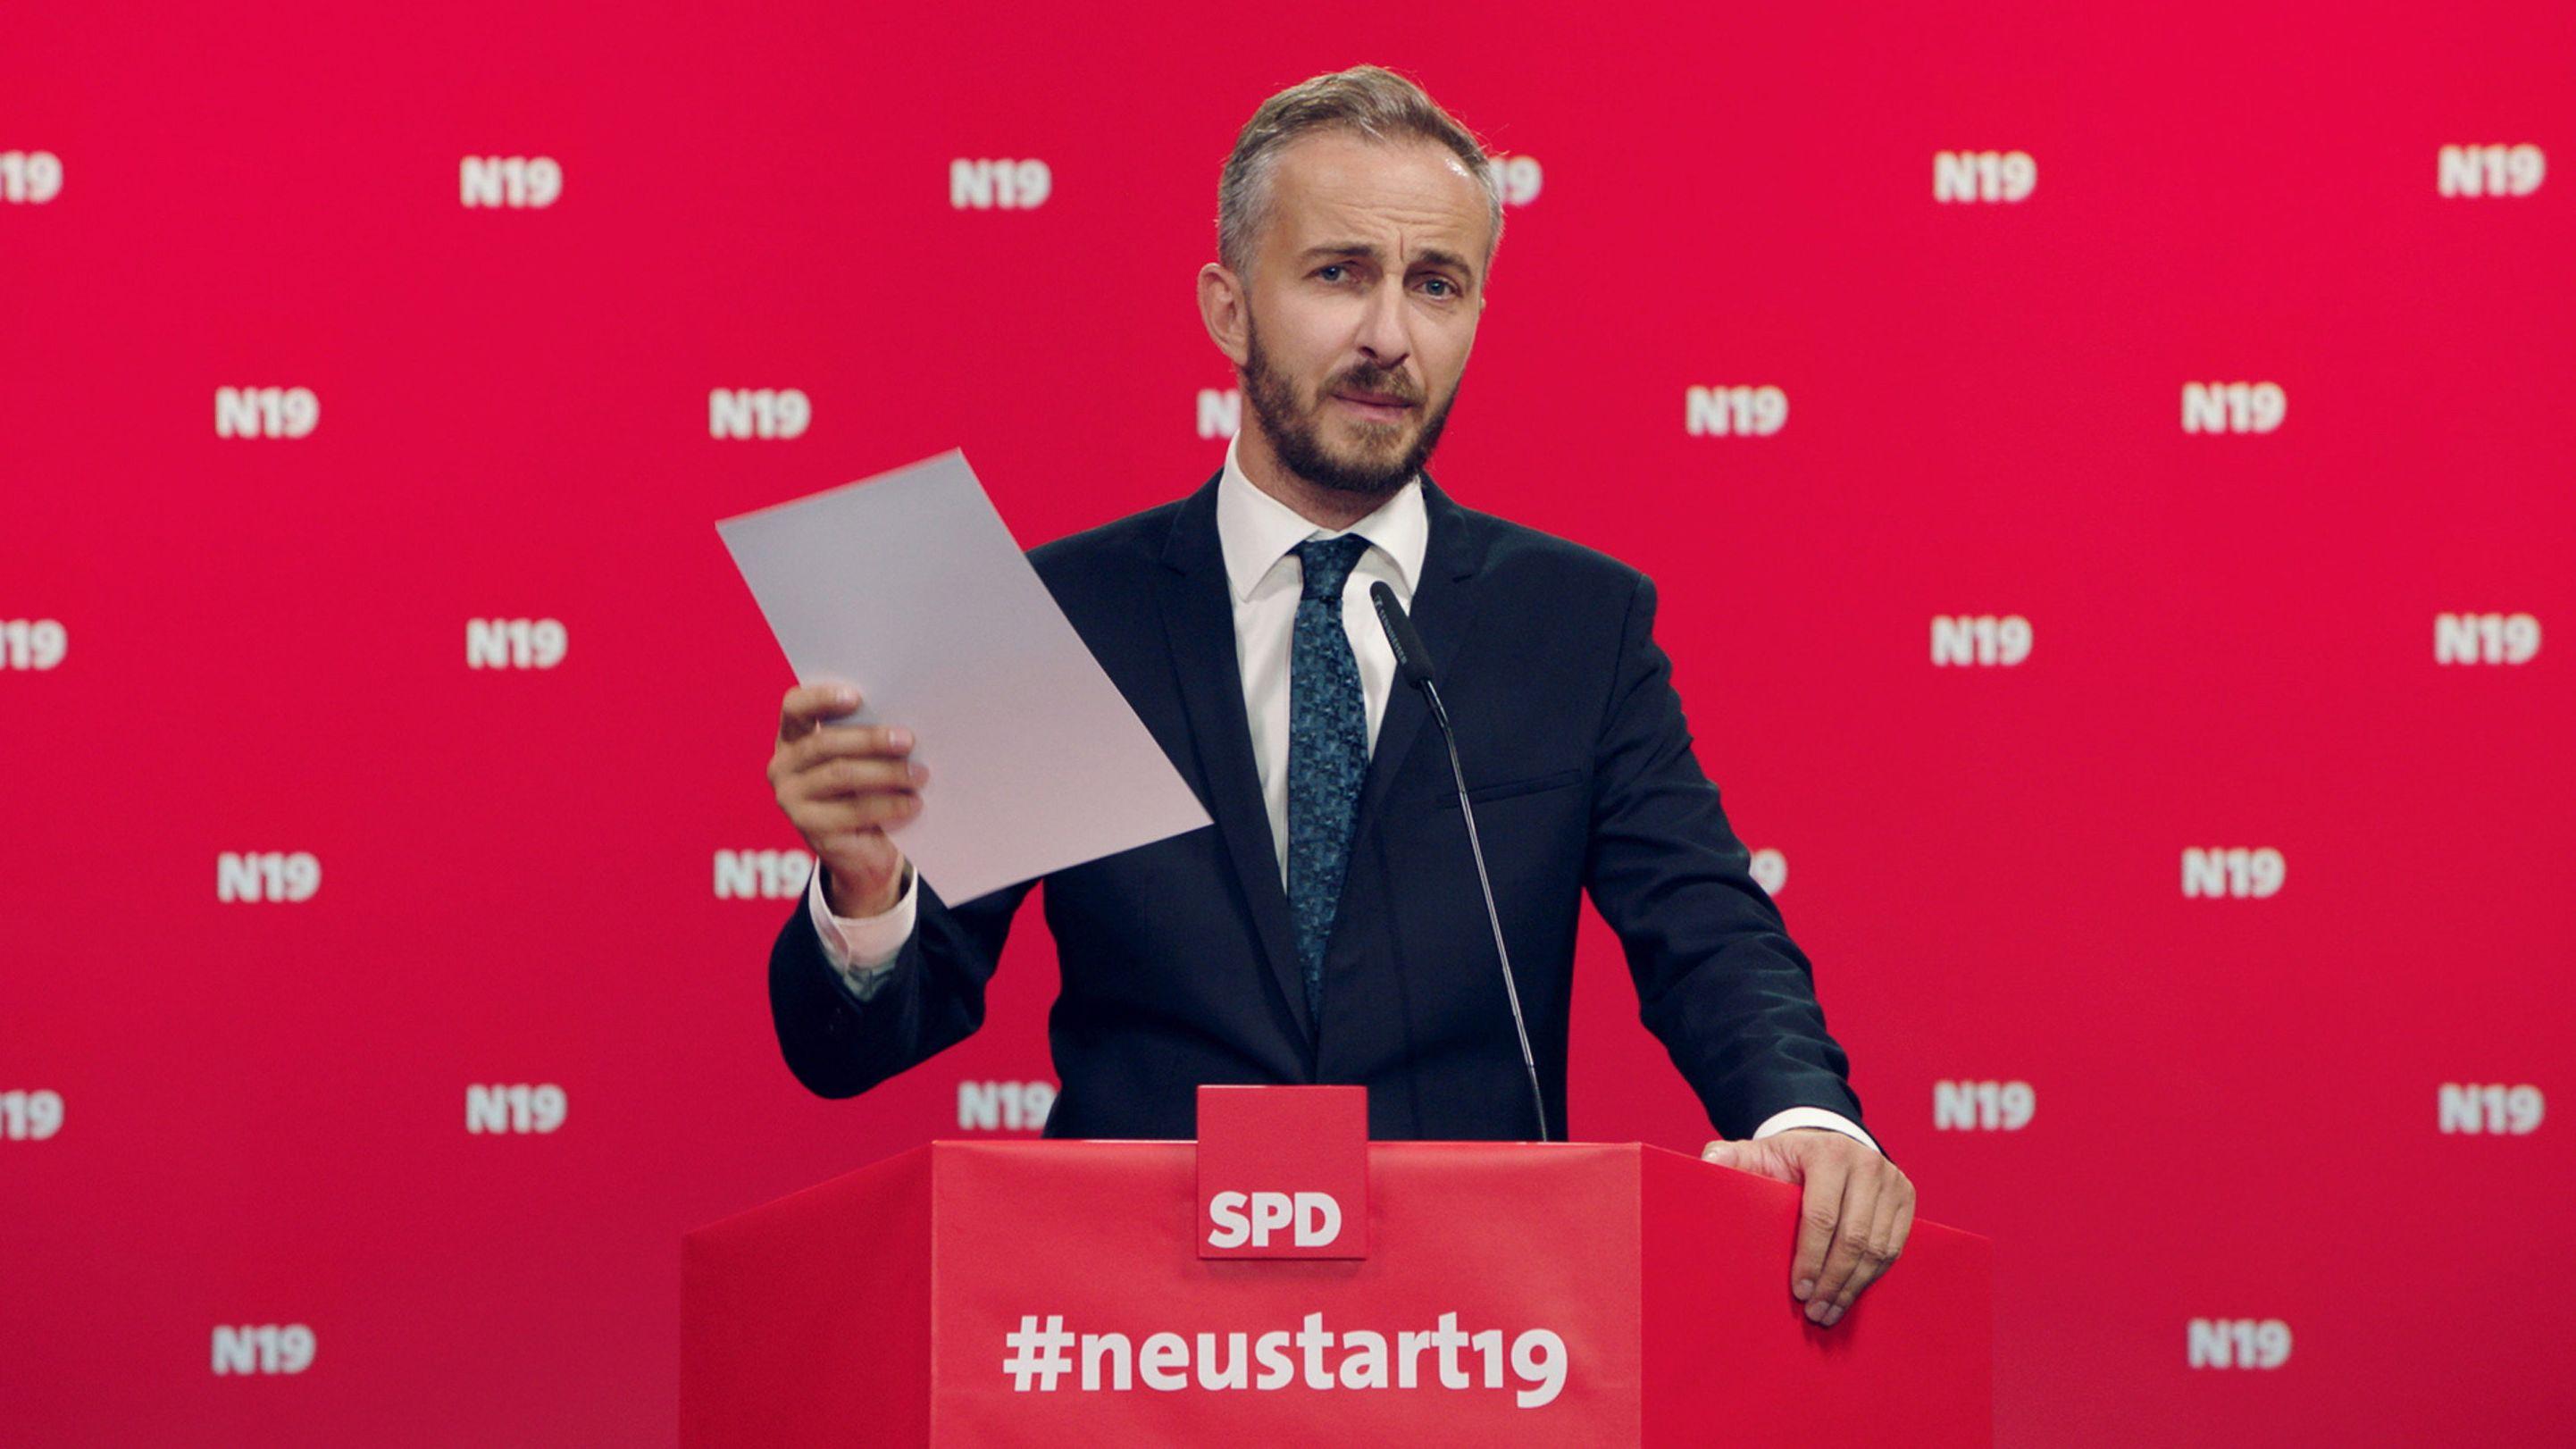 """Der Satiriker Jan Böhmermann bewirbt sich nach eigenen Worten mit der Kampagne #neustart19 um den SPD-Parteivorsitz in seiner Sendung """"Neo Magazin Royale"""", die am 29.08.2019 im ZDFneo ausgestrahlt worden ist."""